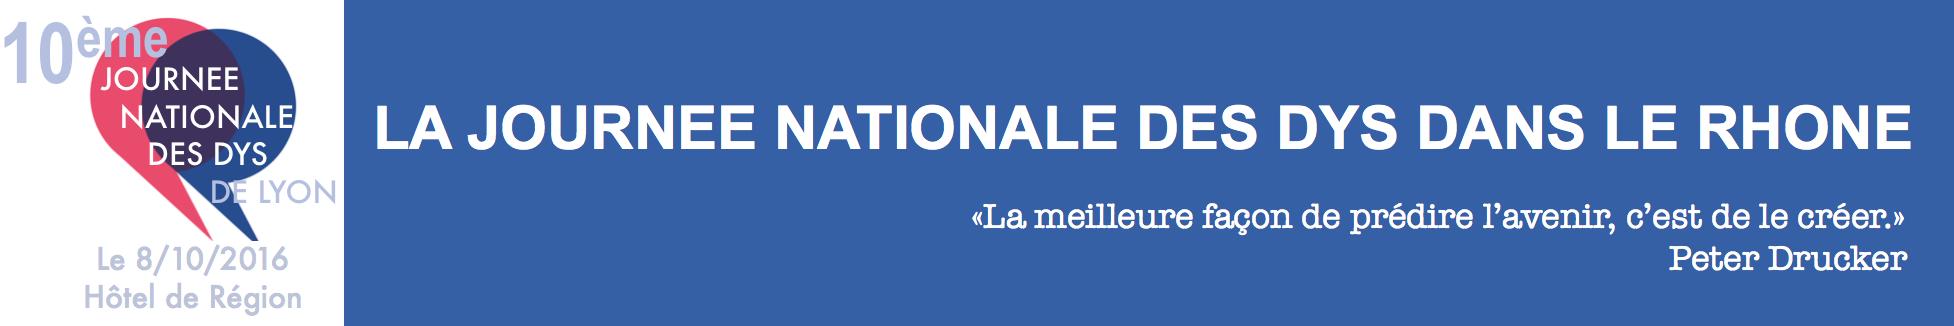 Journée nationale des dys Rhône